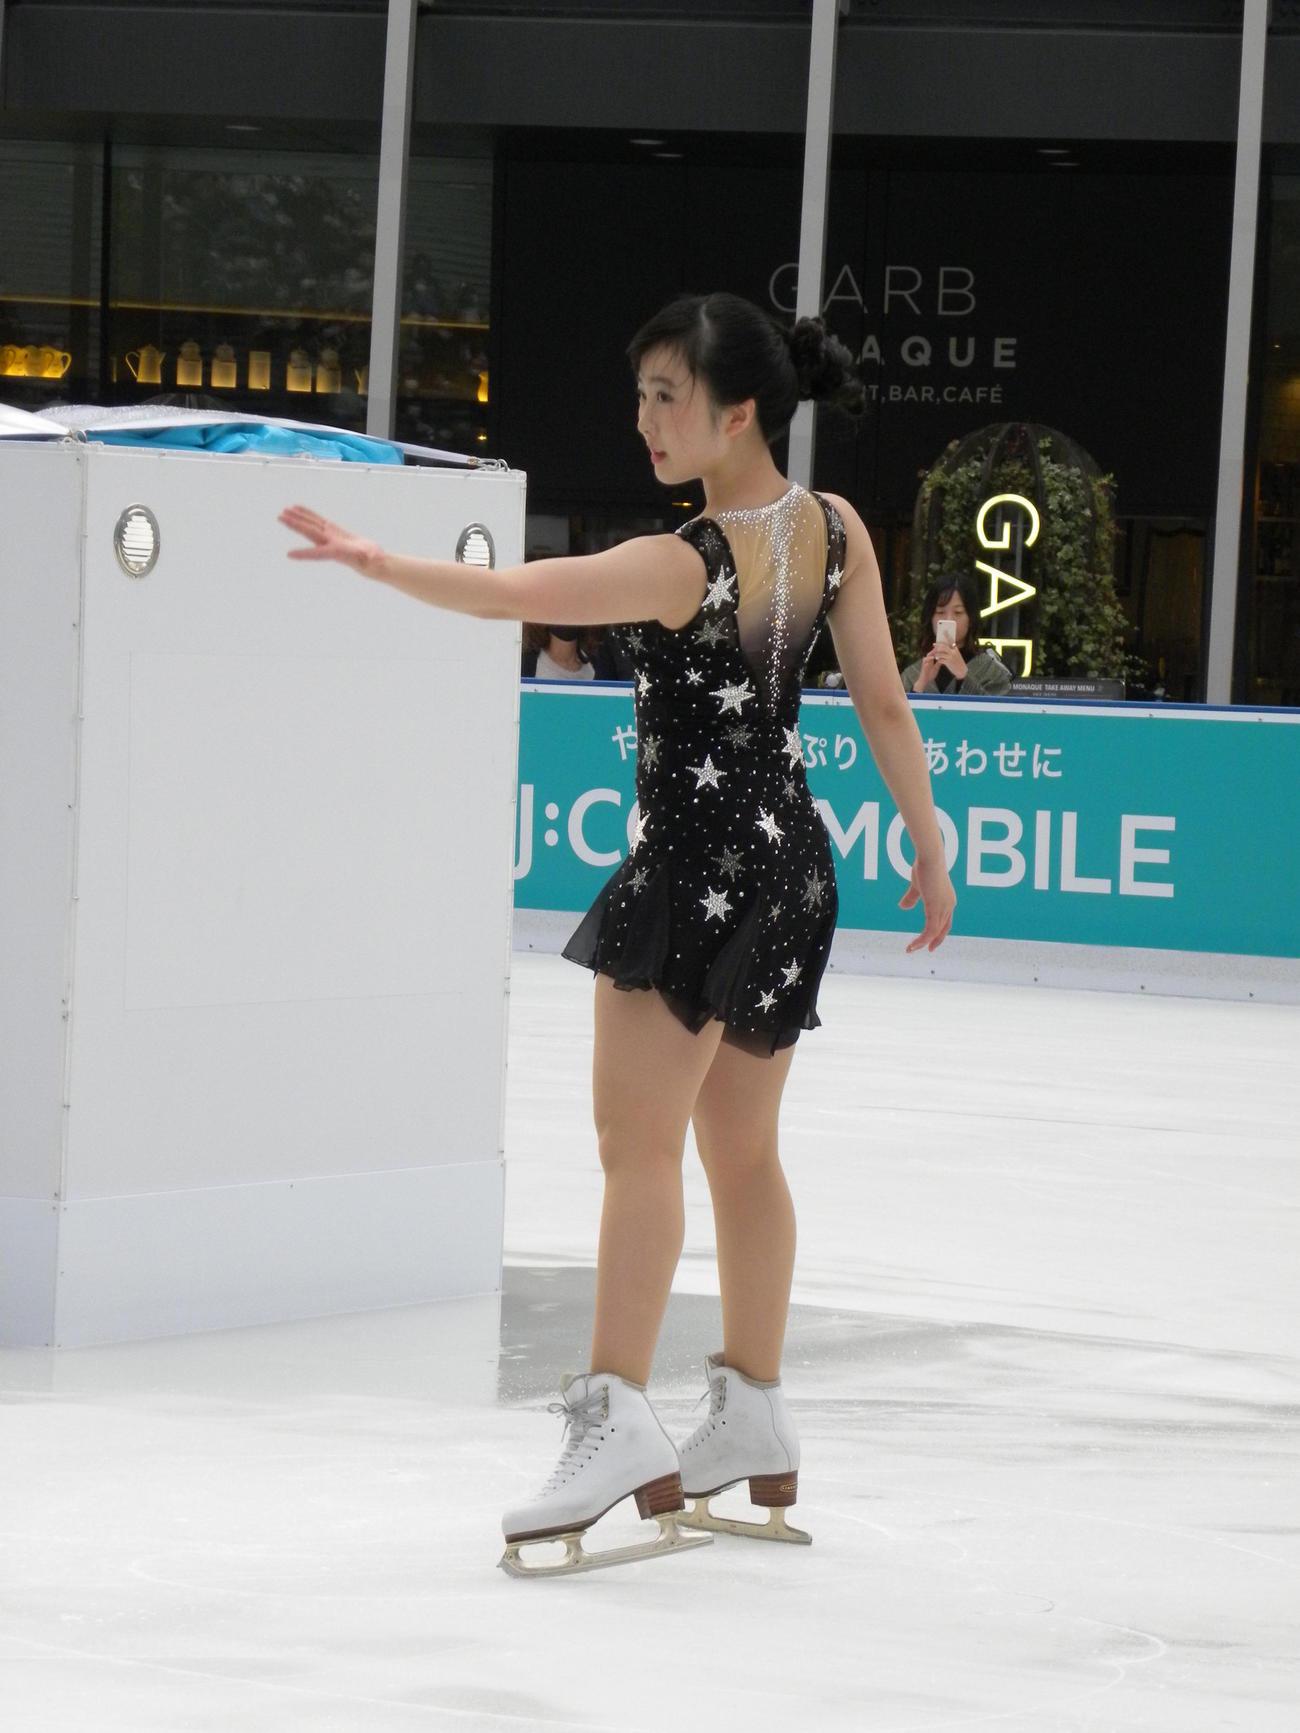 グランフロント大阪うめきた広場のアイスリンク「つるんつるん」で初滑りを披露した本田望結(撮影・松本航)